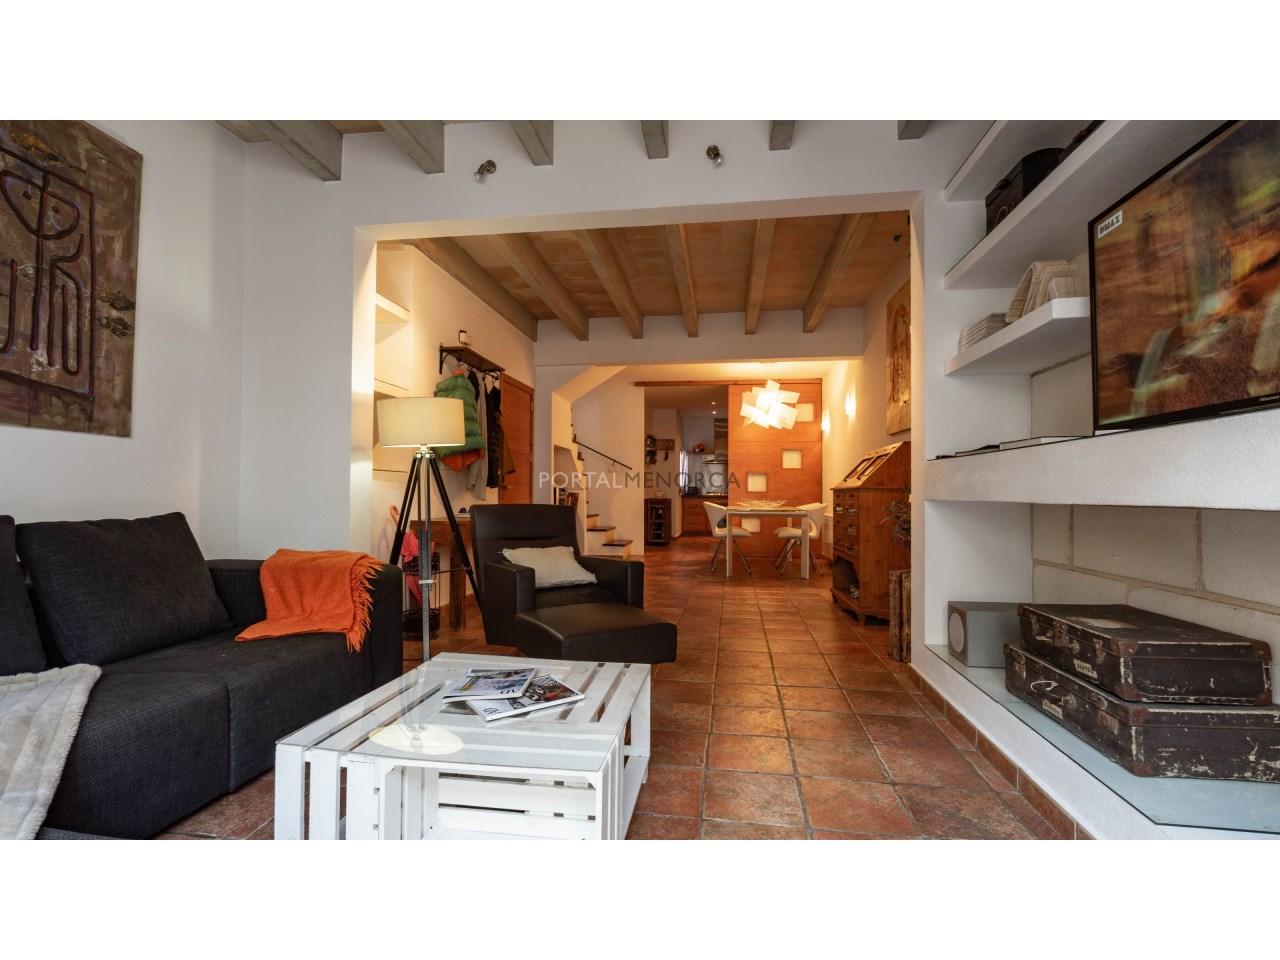 maison-vendre-es-castell-menorca (5)